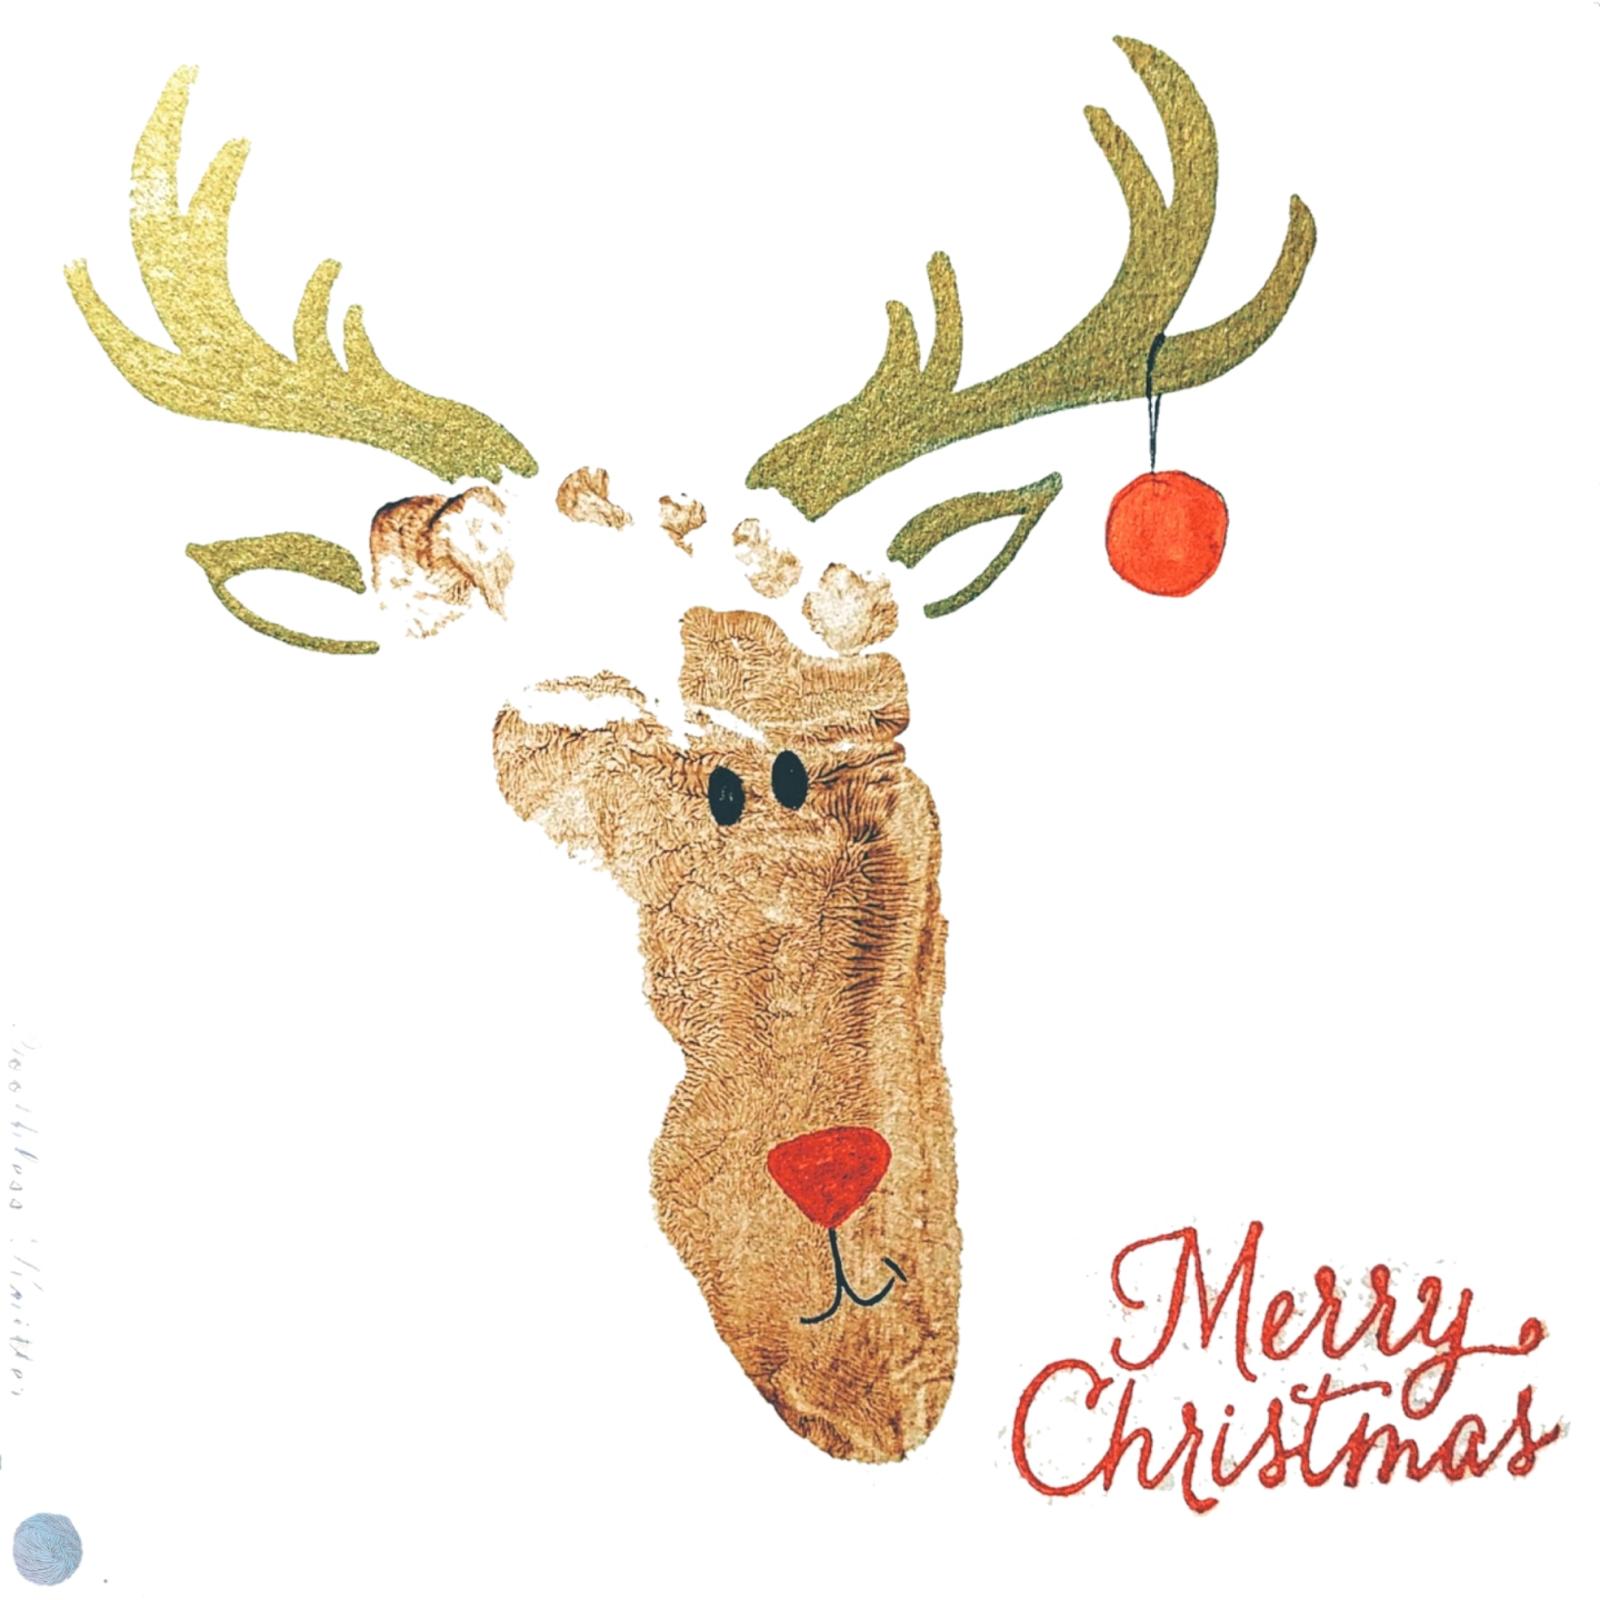 Reindeer Footprint Christmas Card / Kartka Bożonarodzeniowa z Odciskiem Stopy - Renifer